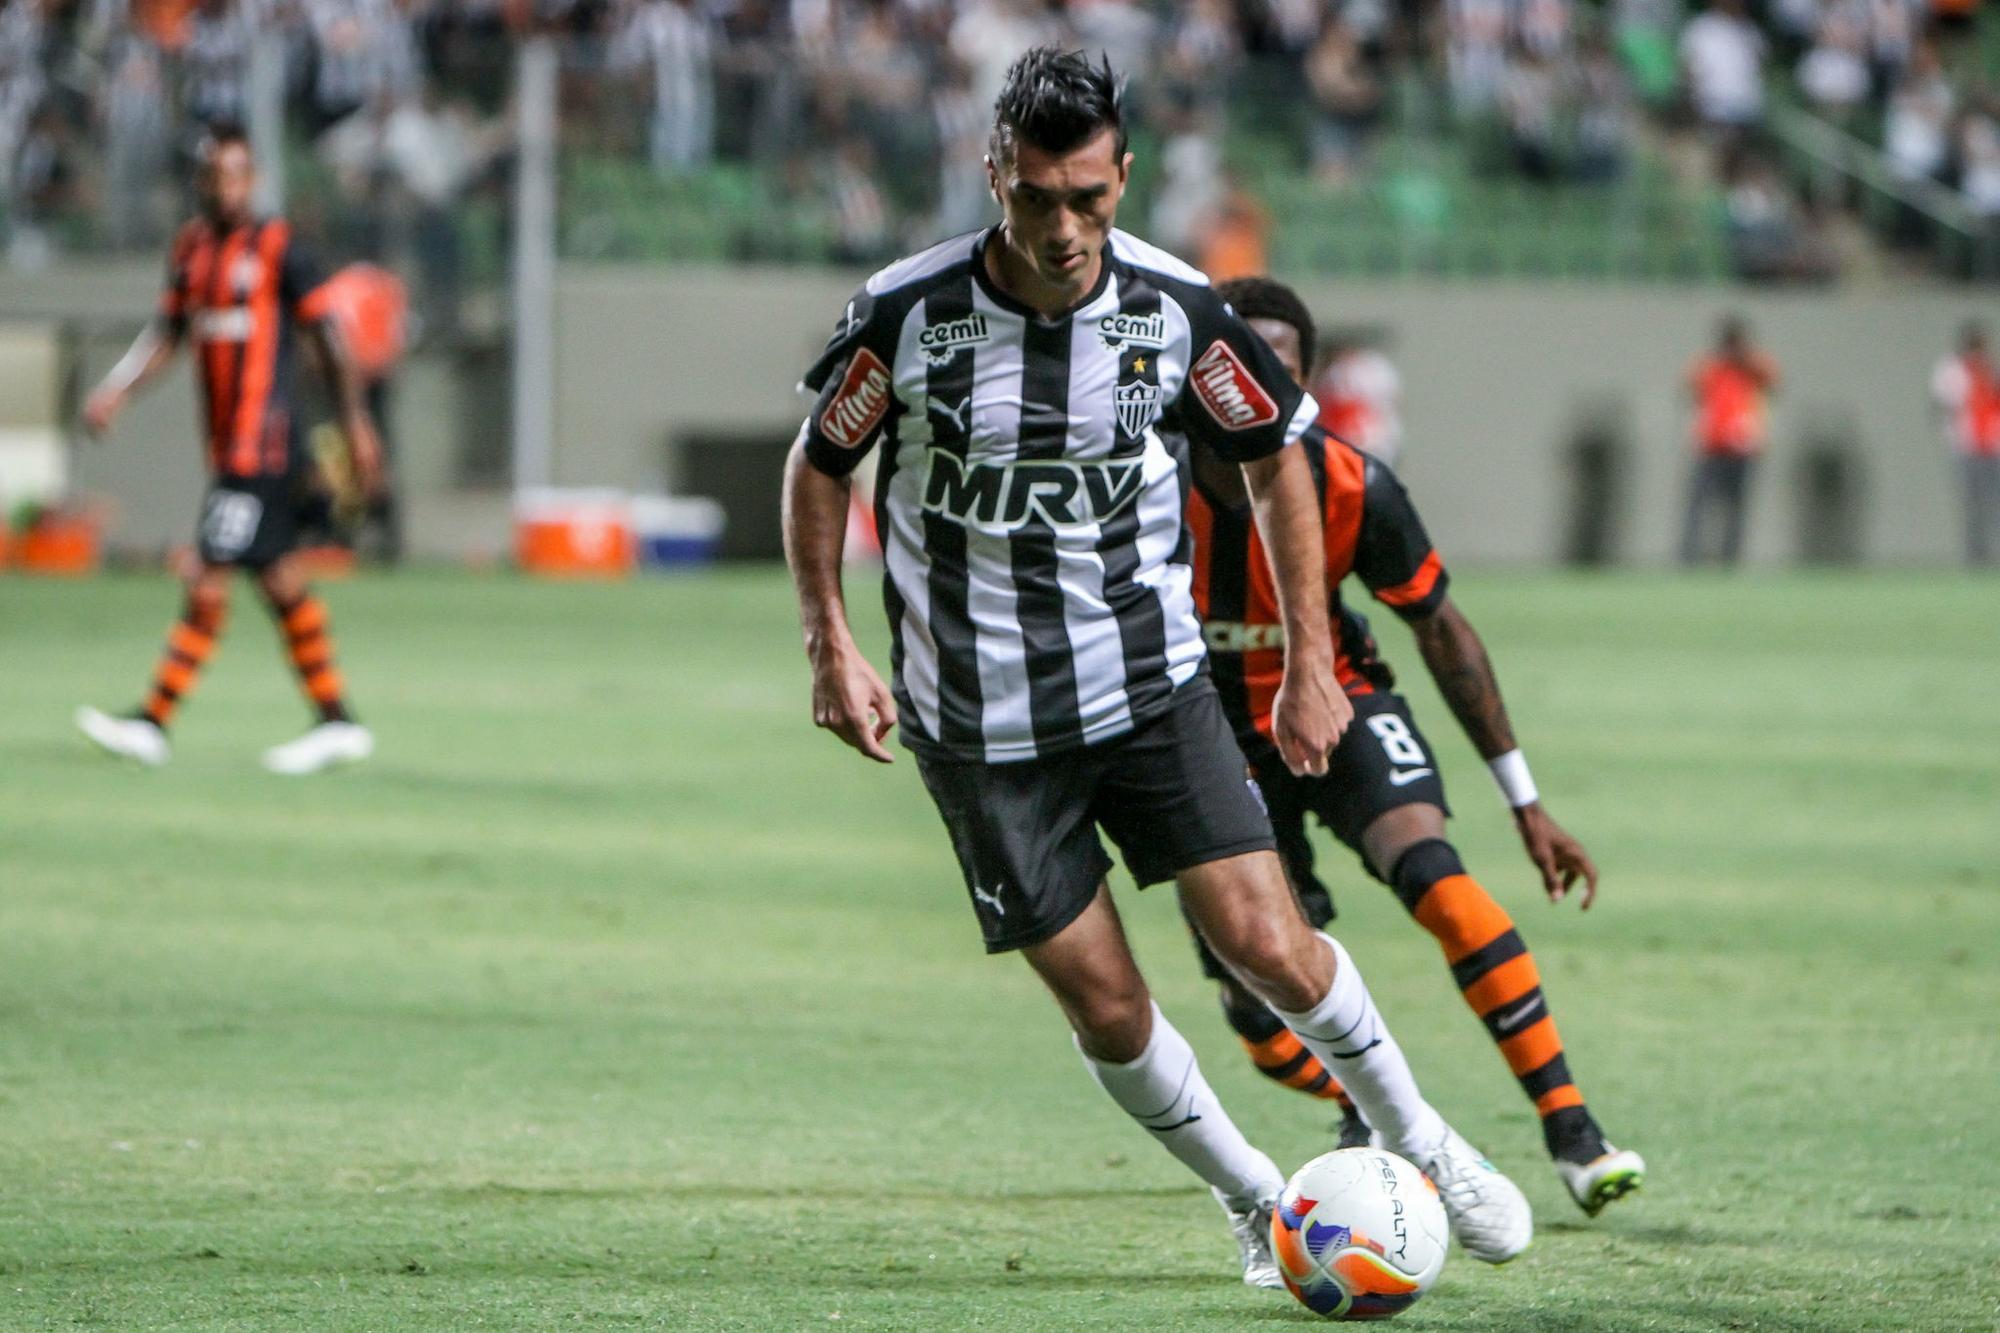 2bbec81cdd Dátolo não se opõe a ser o camisa 10 do Atlético-MG, mas prefere vestir a 23